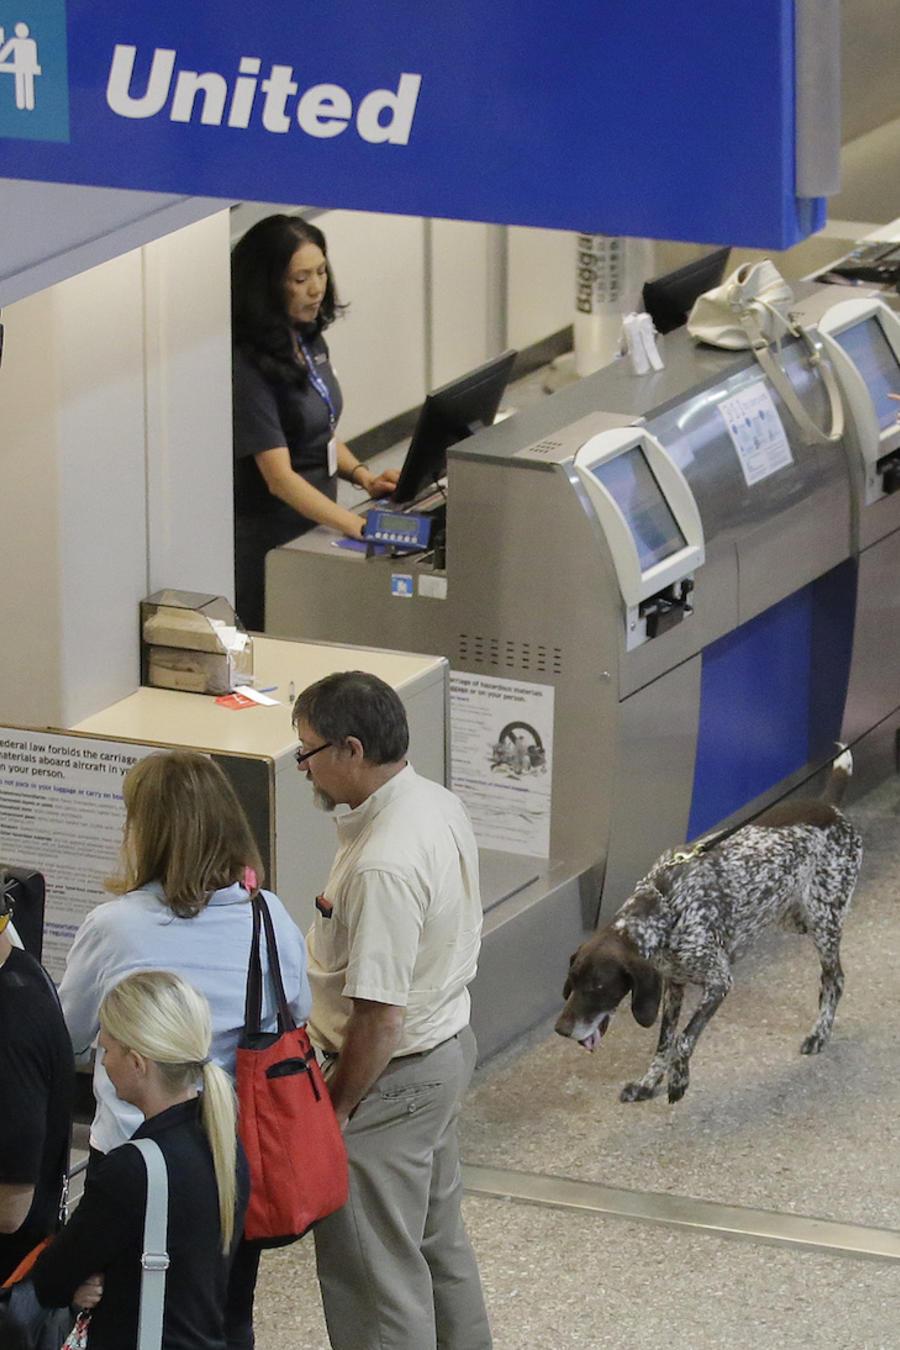 Control de seguridad con un perro en el aeropuerto de Salt Lake City en junio.